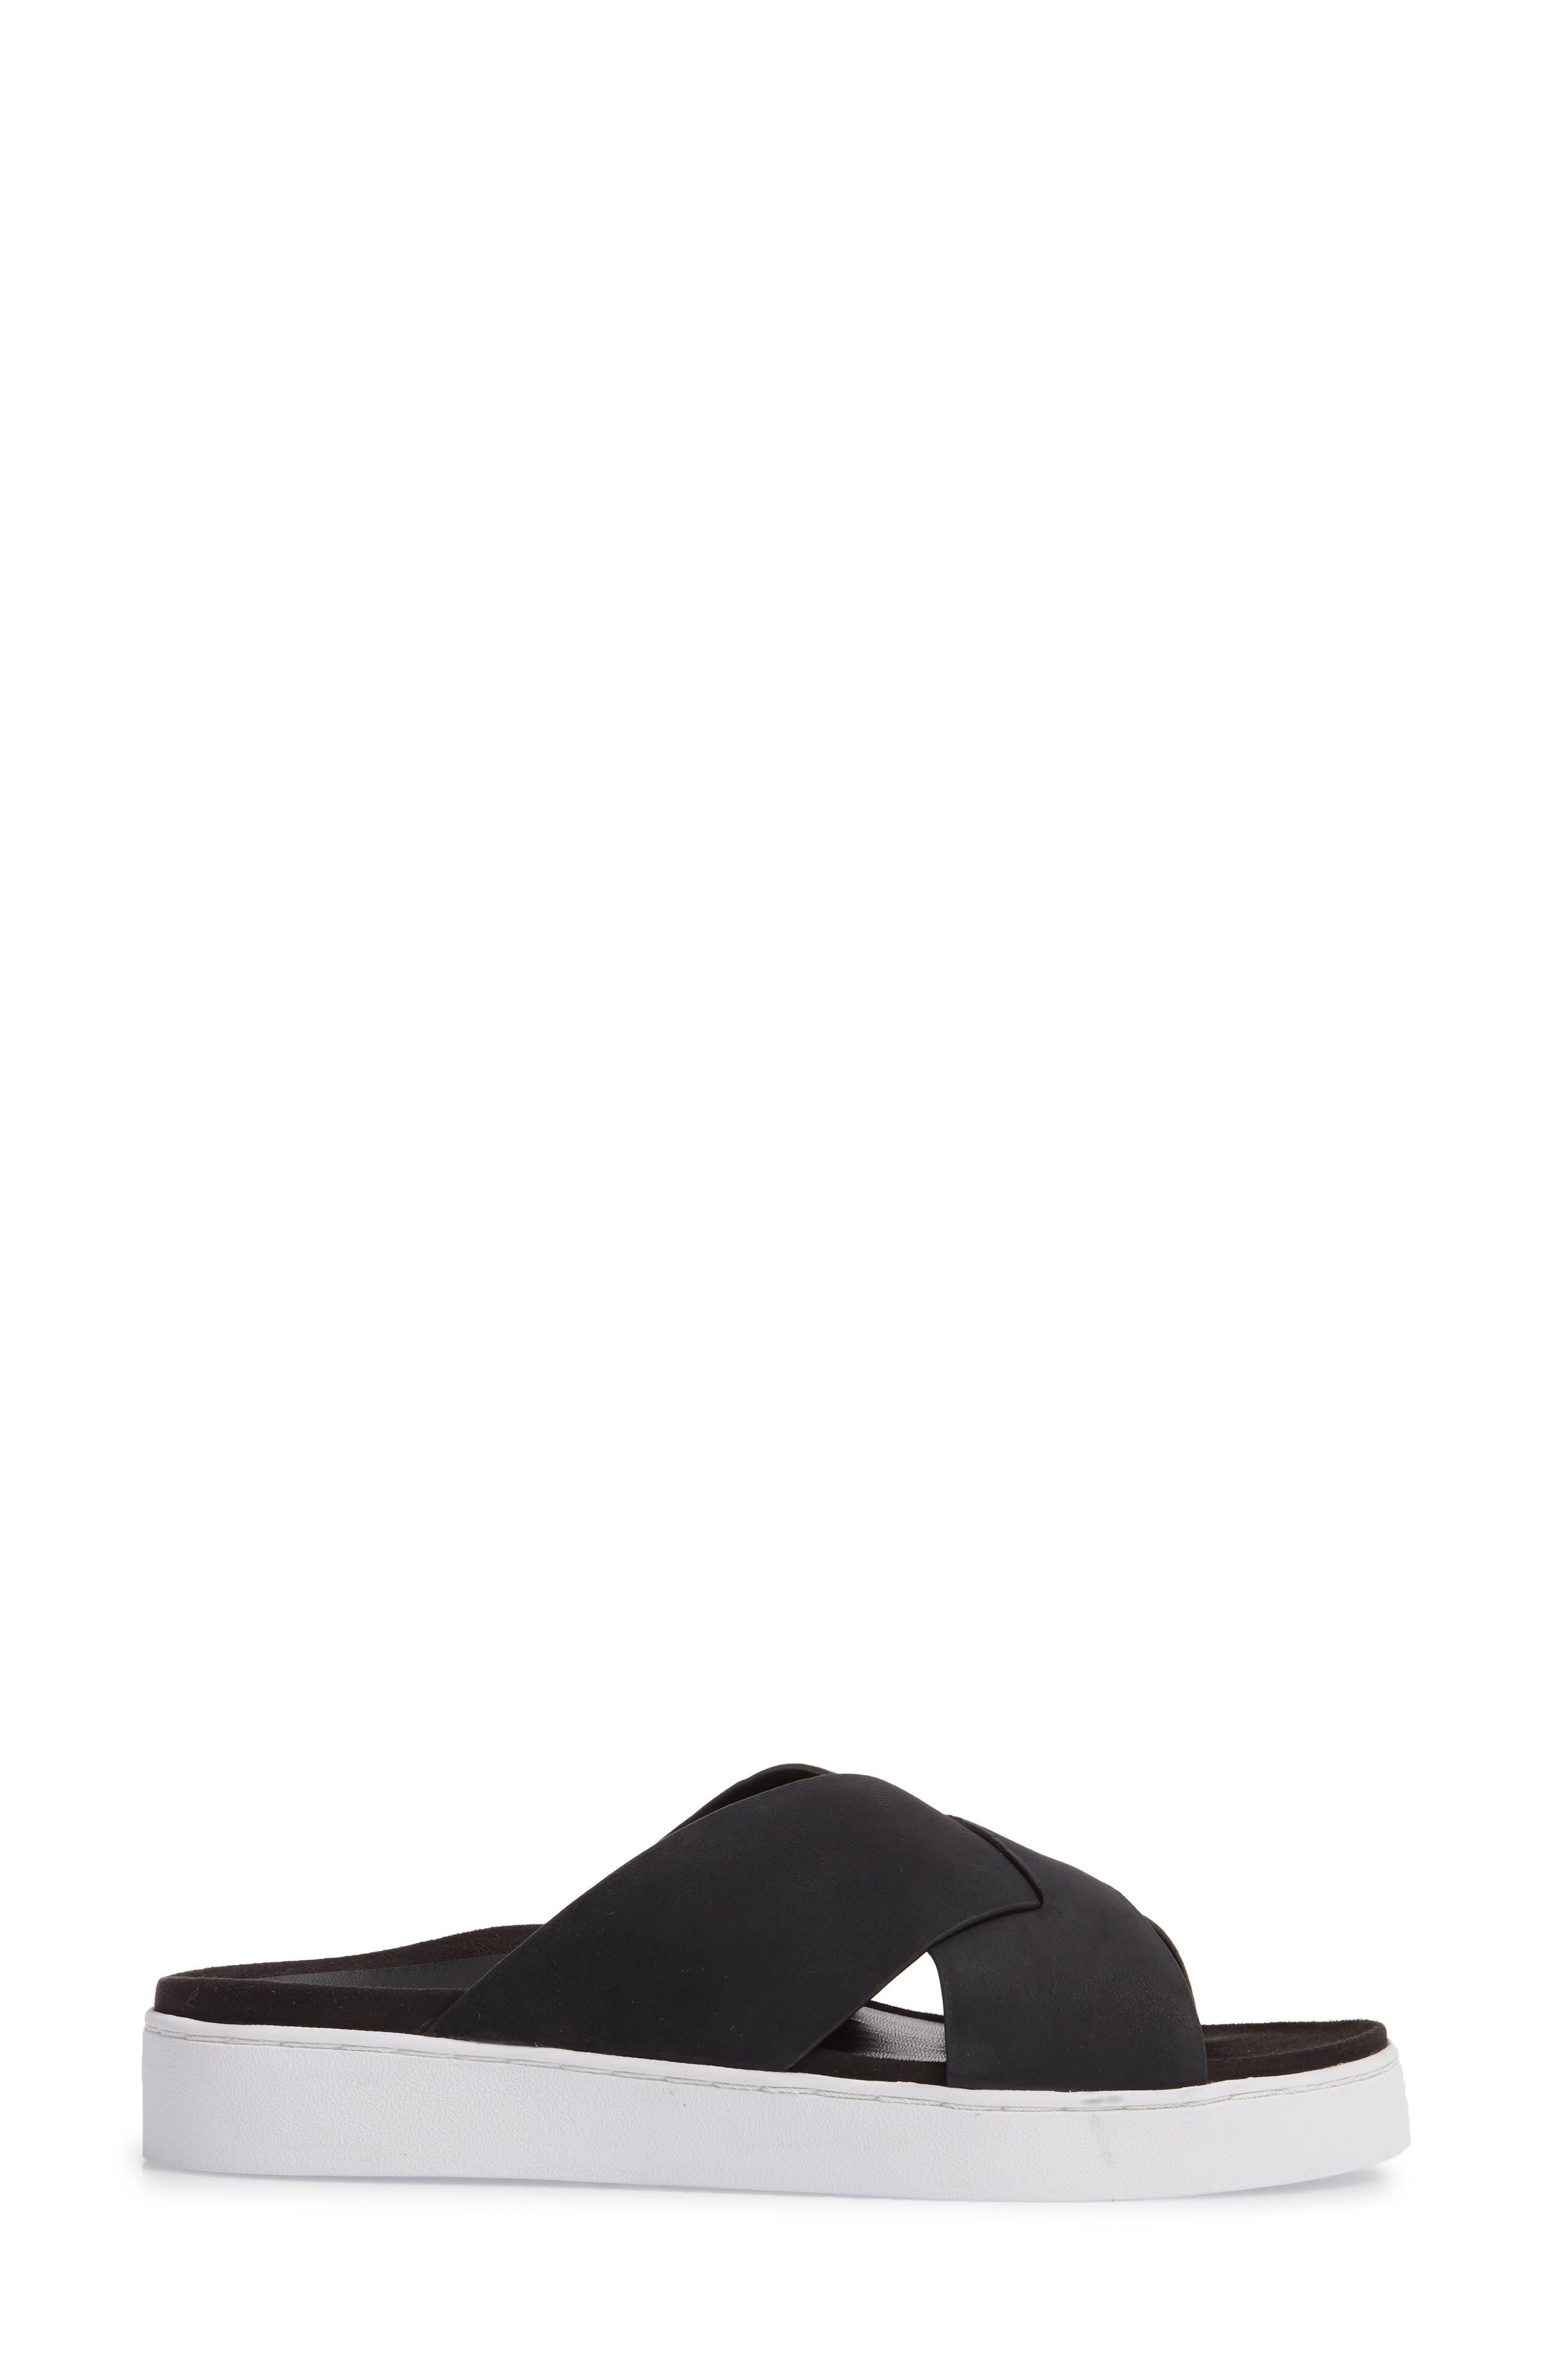 Lou Slide Sandal,                             Alternate thumbnail 3, color,                             BLACK NUBUCK